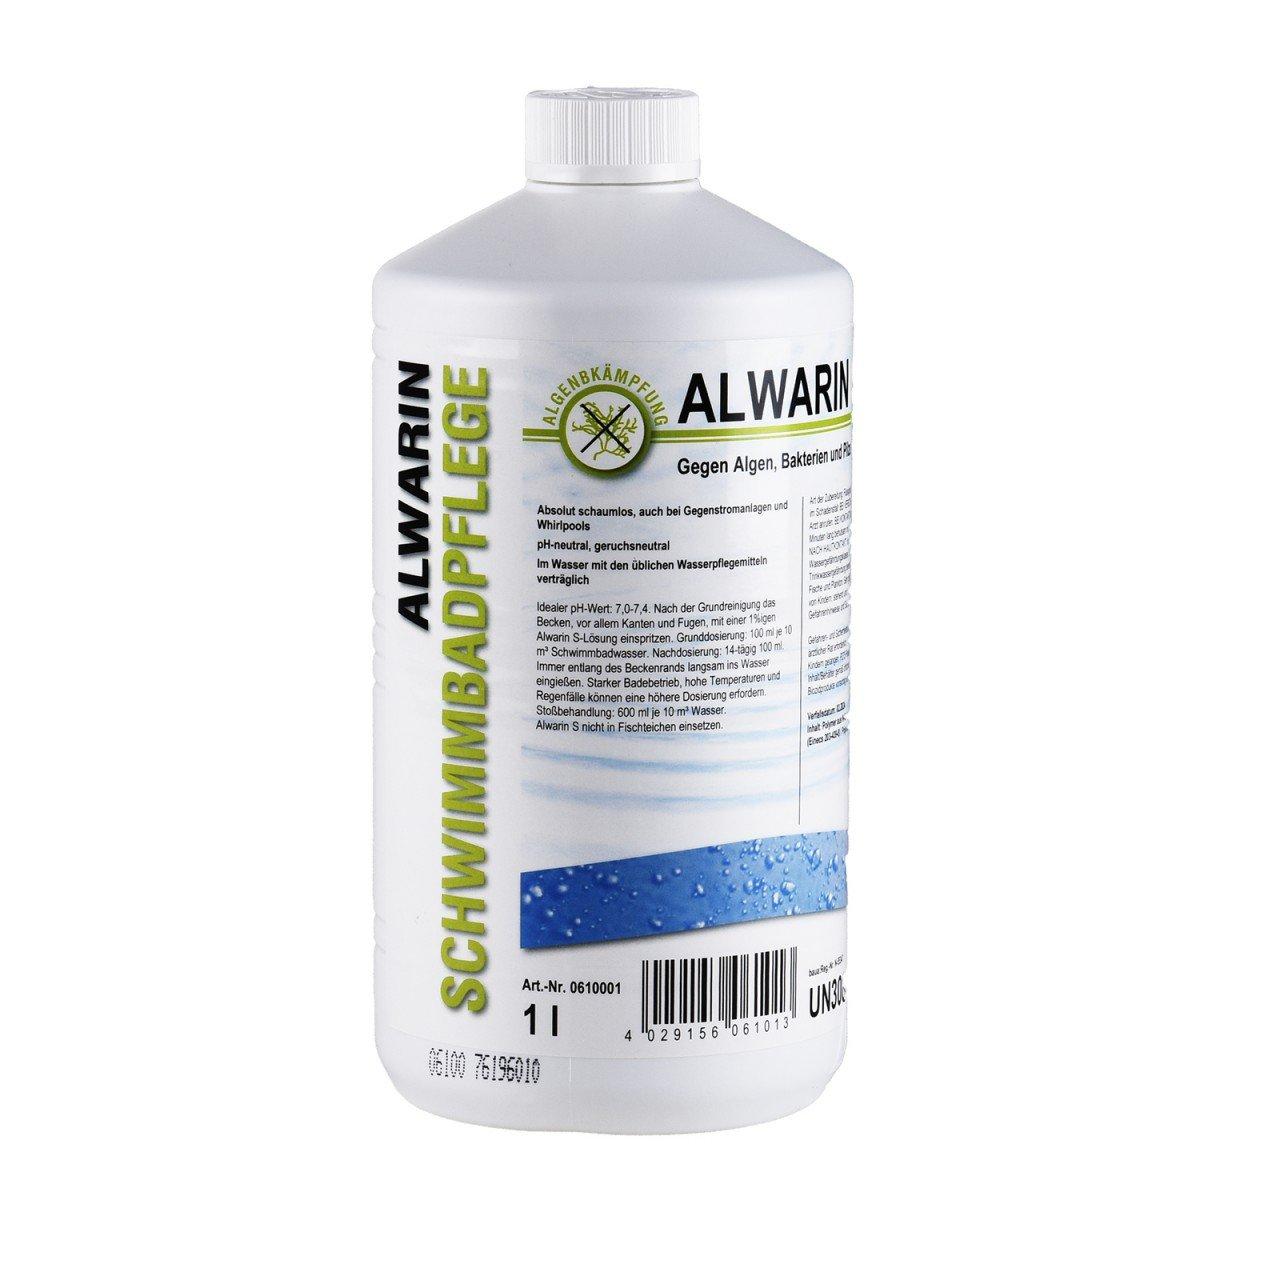 Alwarin-S Algenmittel 1L gegen Algen, Bakterien und Pilze im Schwimmbecken, absolut schaumloses Säubern von Pool Wassern ZAWA GmbH